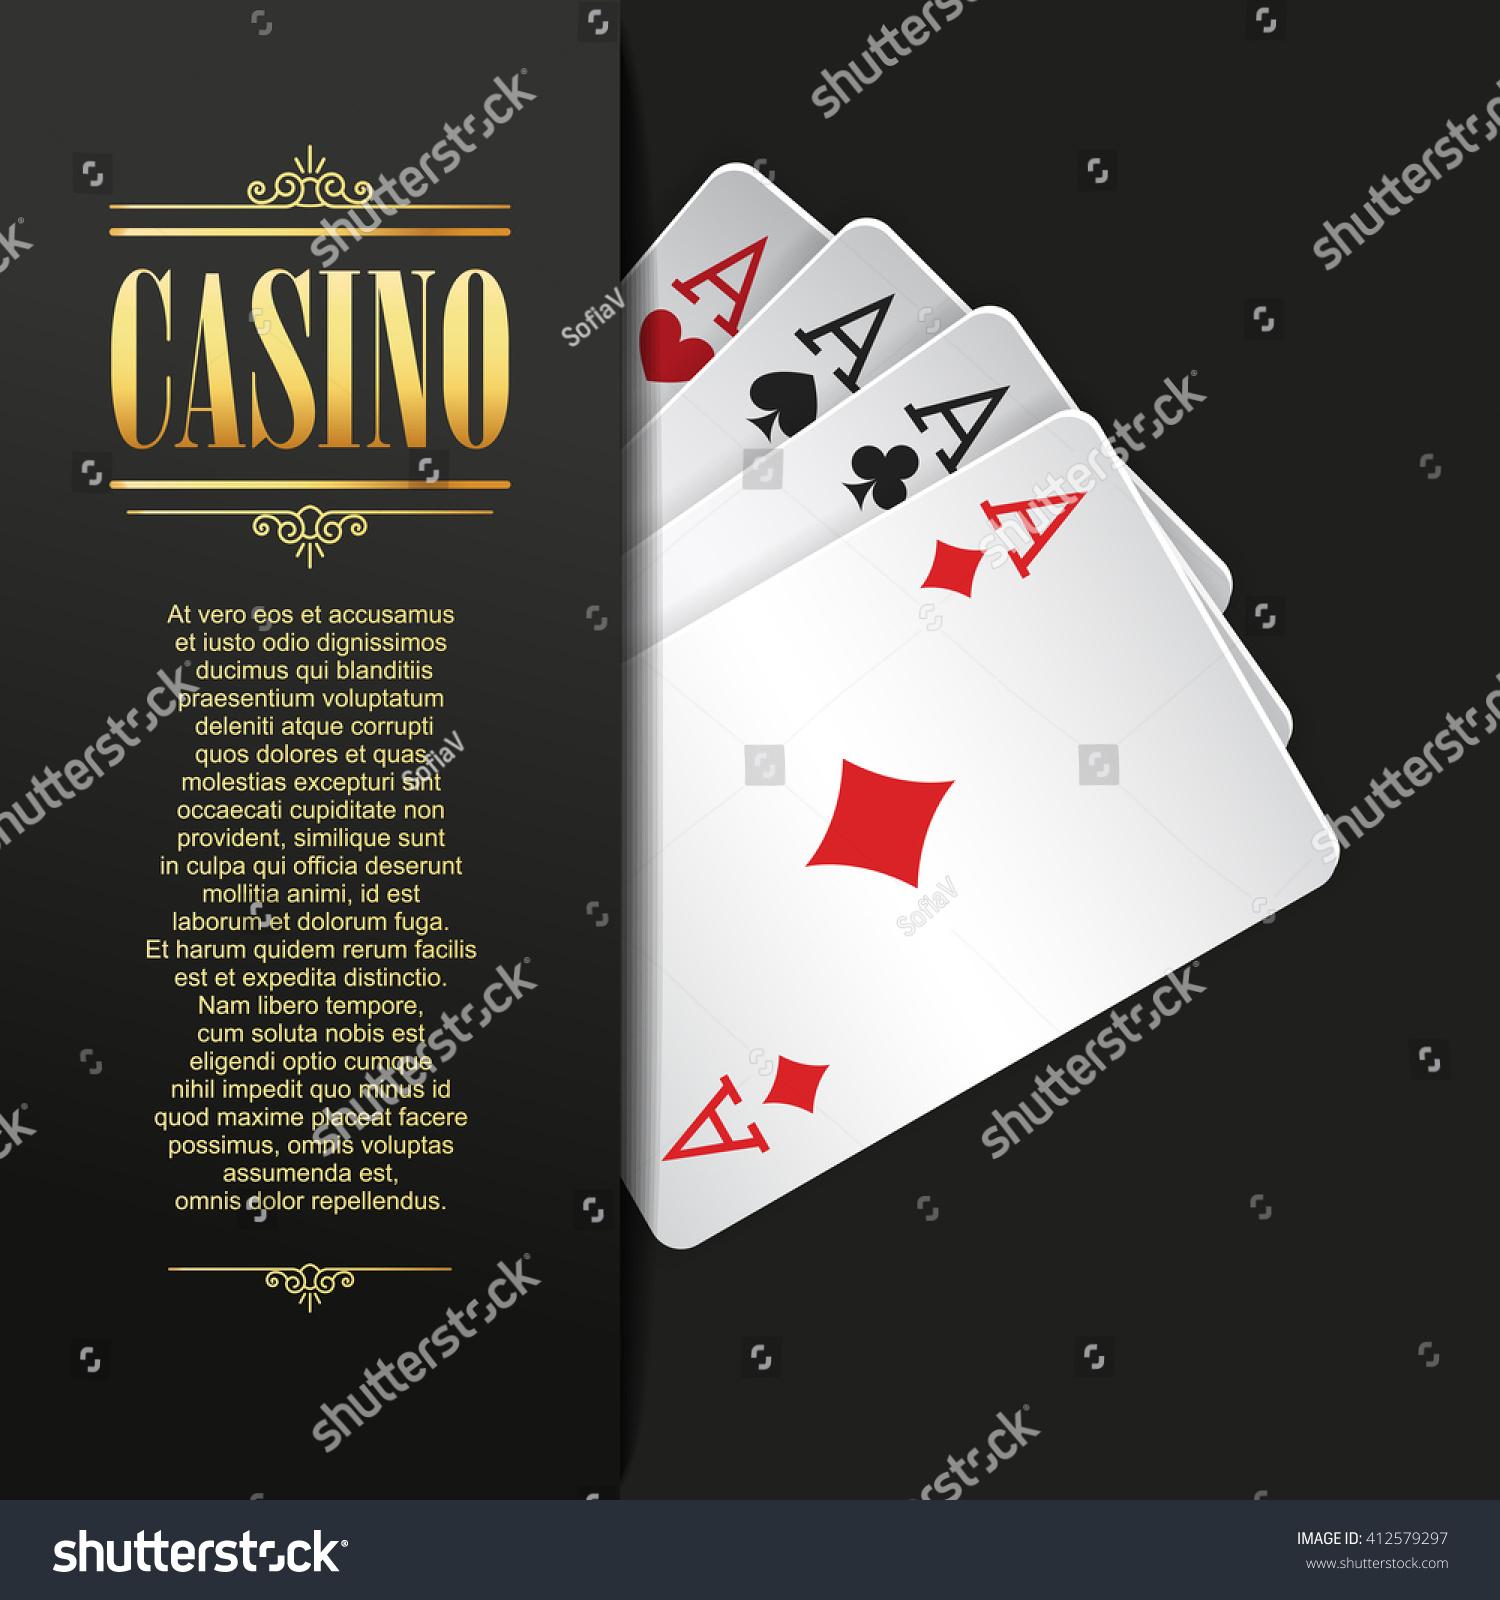 Шаблон короля казино как обыграть блэкс джэк в казино